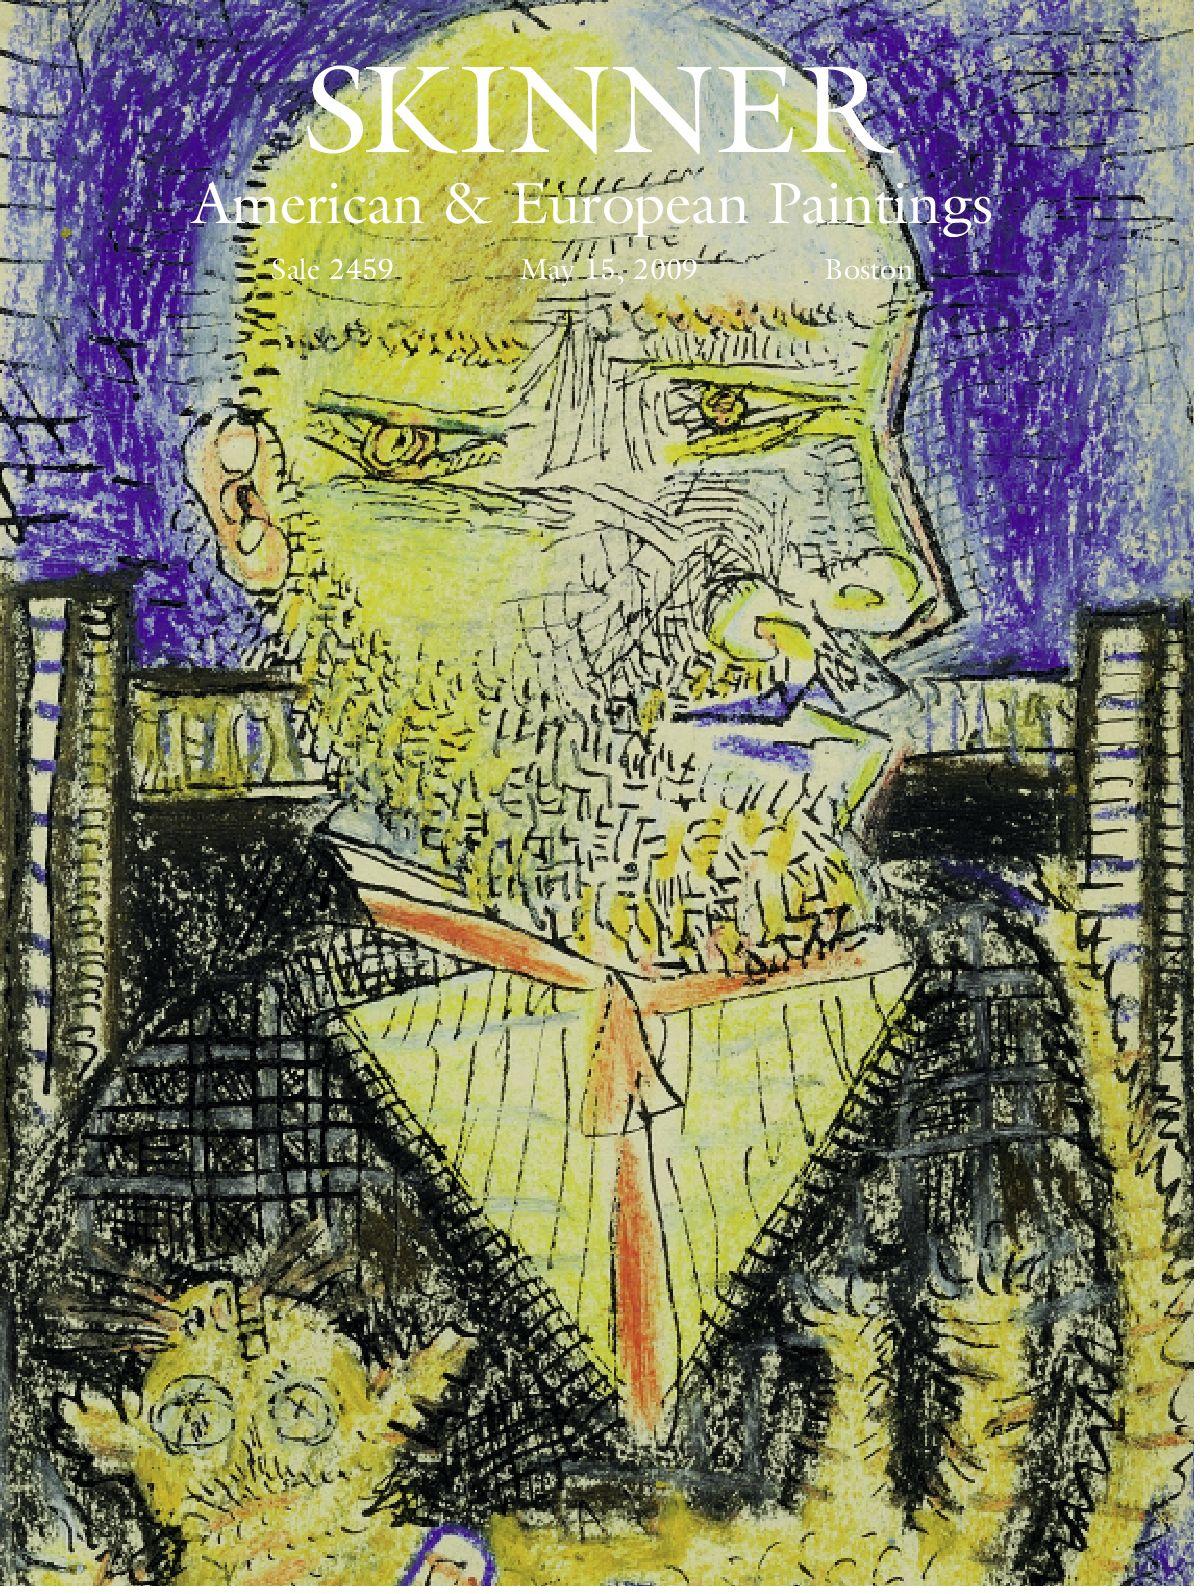 American european paintings skinner auction 2459 by skinner inc issuu